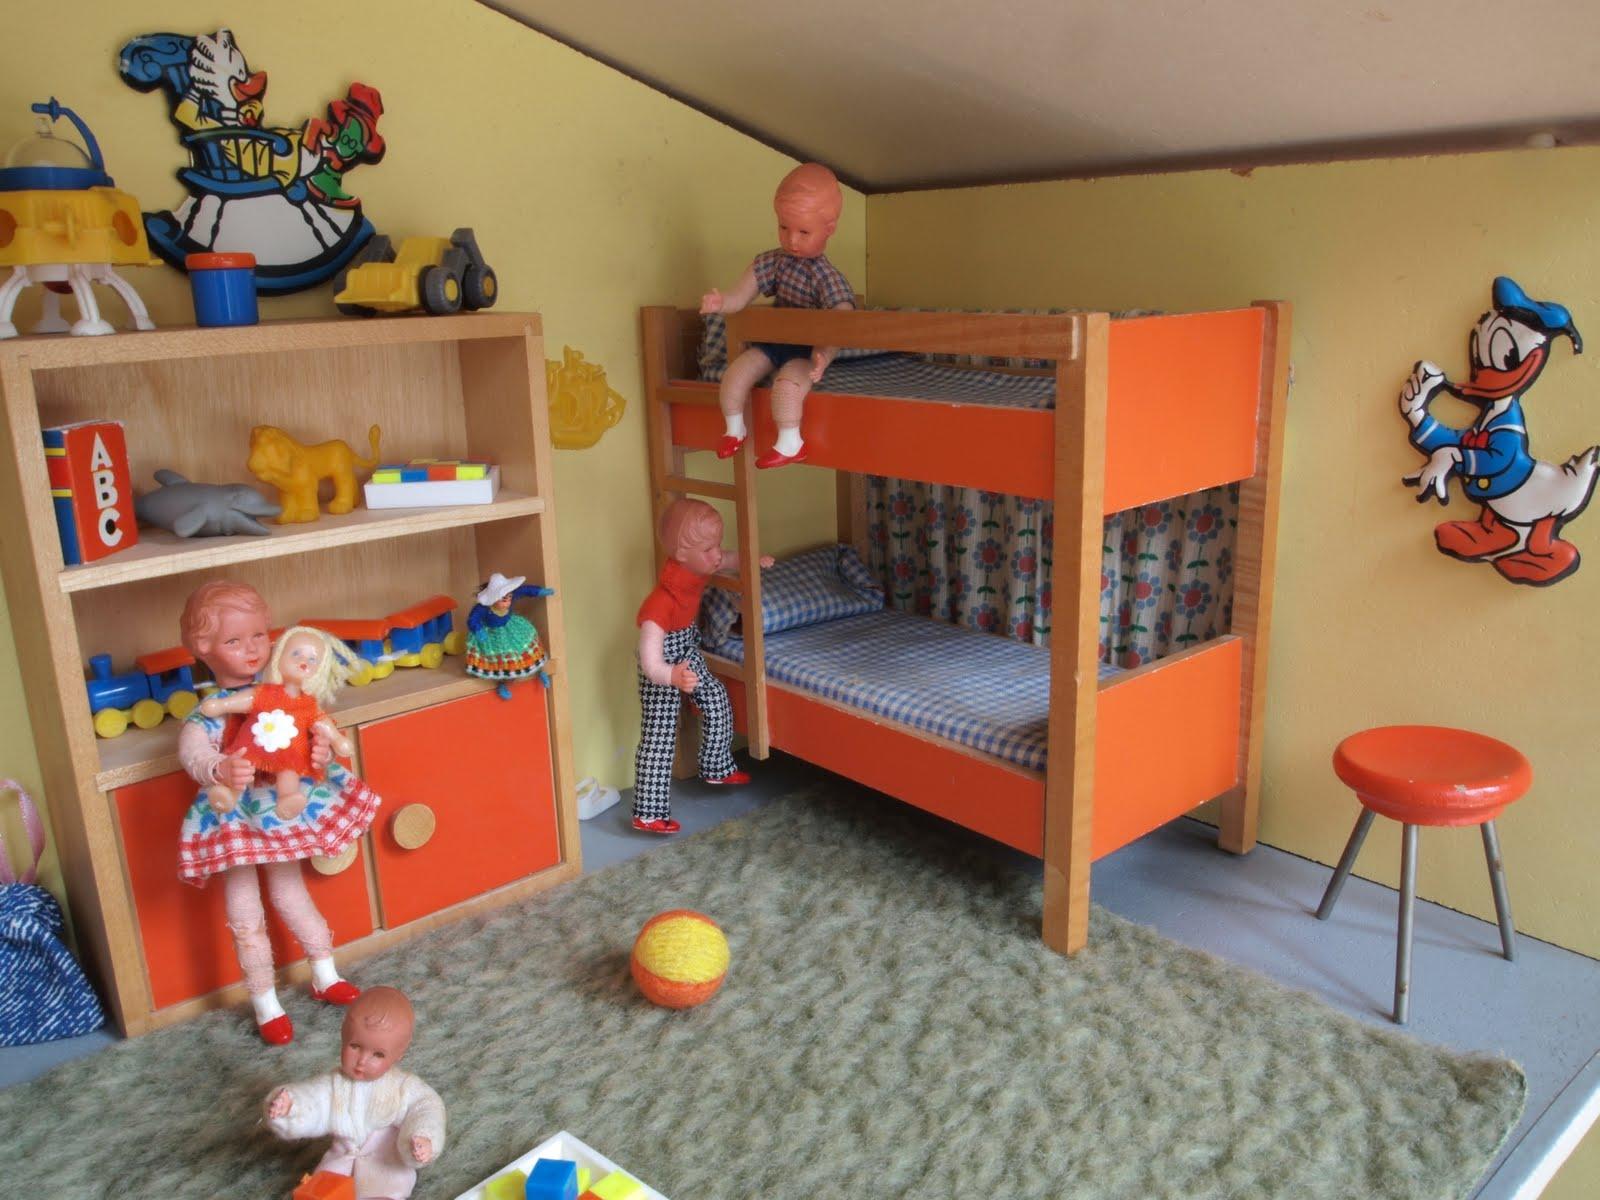 Diepuppenstubensammlerin kinderzimmer bodo hennig for Kinderzimmer 9 jahre